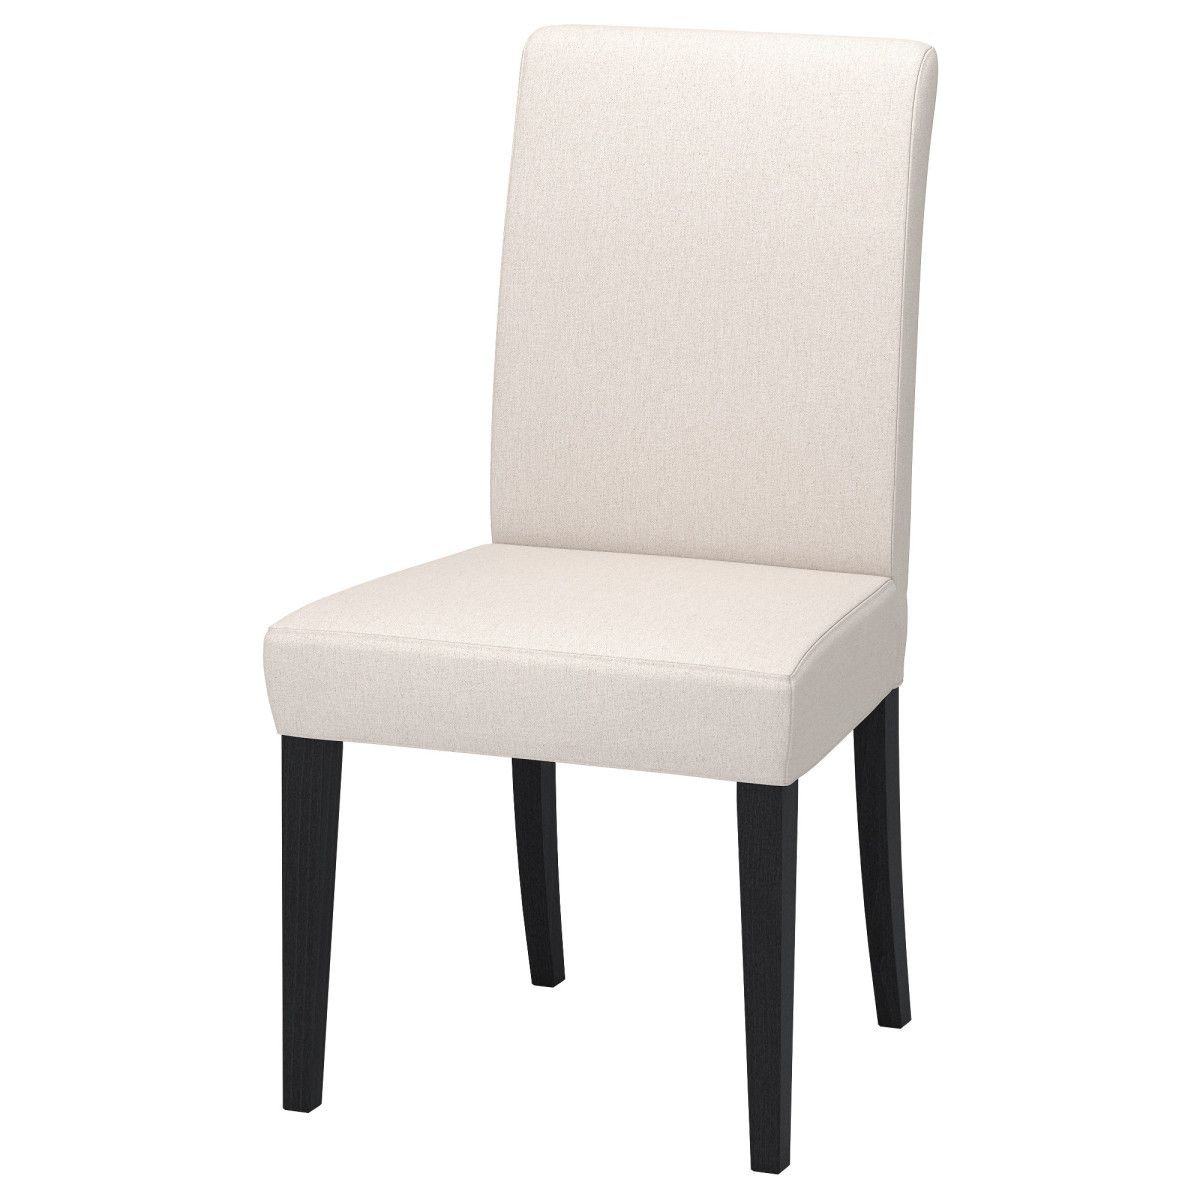 Dunkelbrauner Stuhlgang Baby Stuhl Dunkelbraun Schwarz Farbe